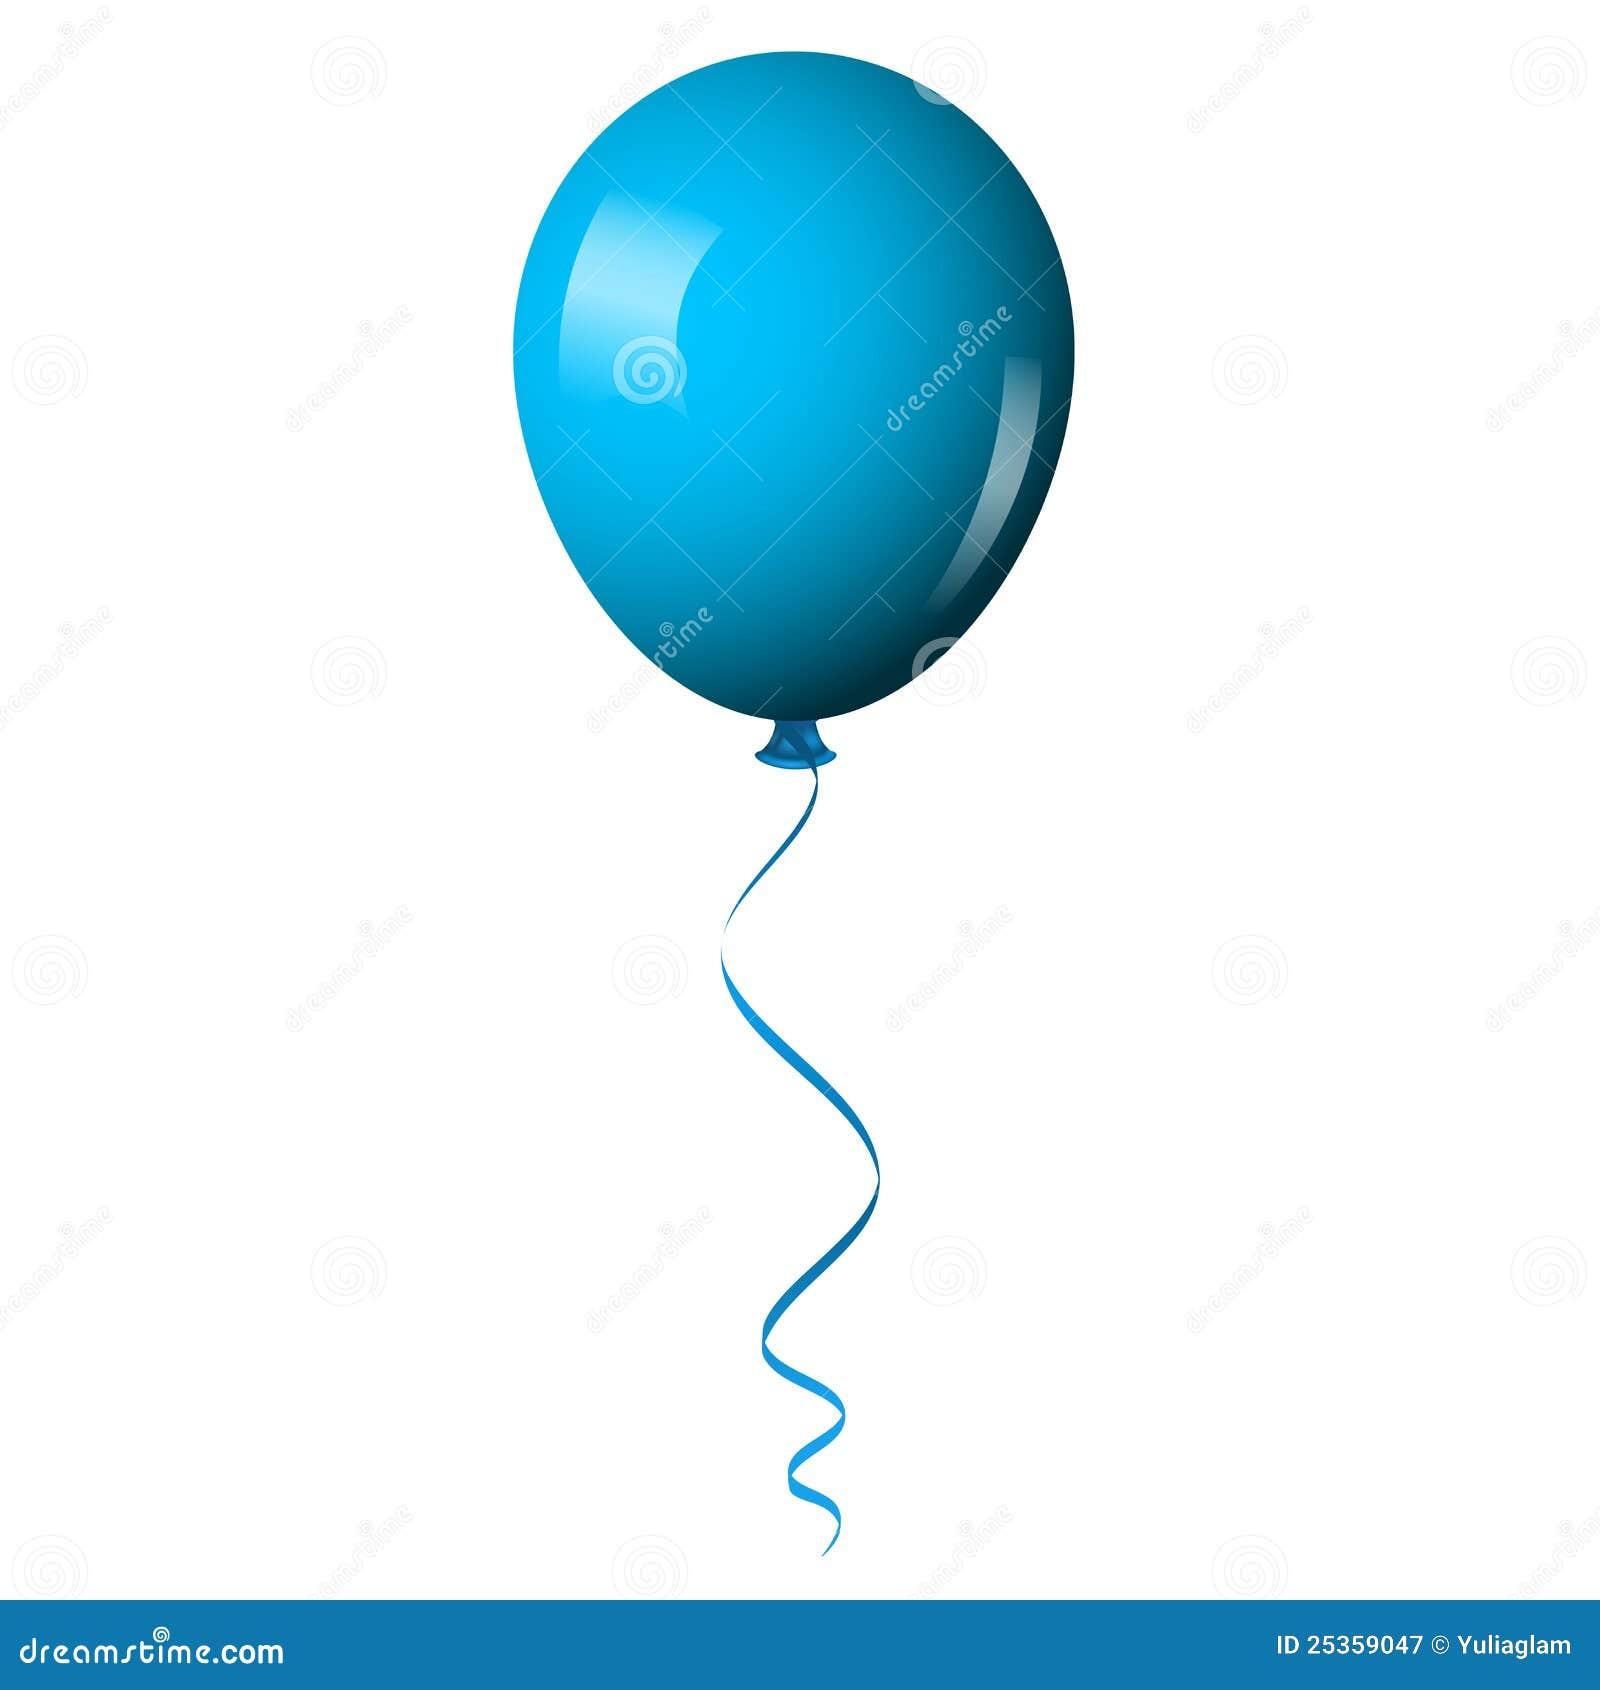 Blue shiny balloon